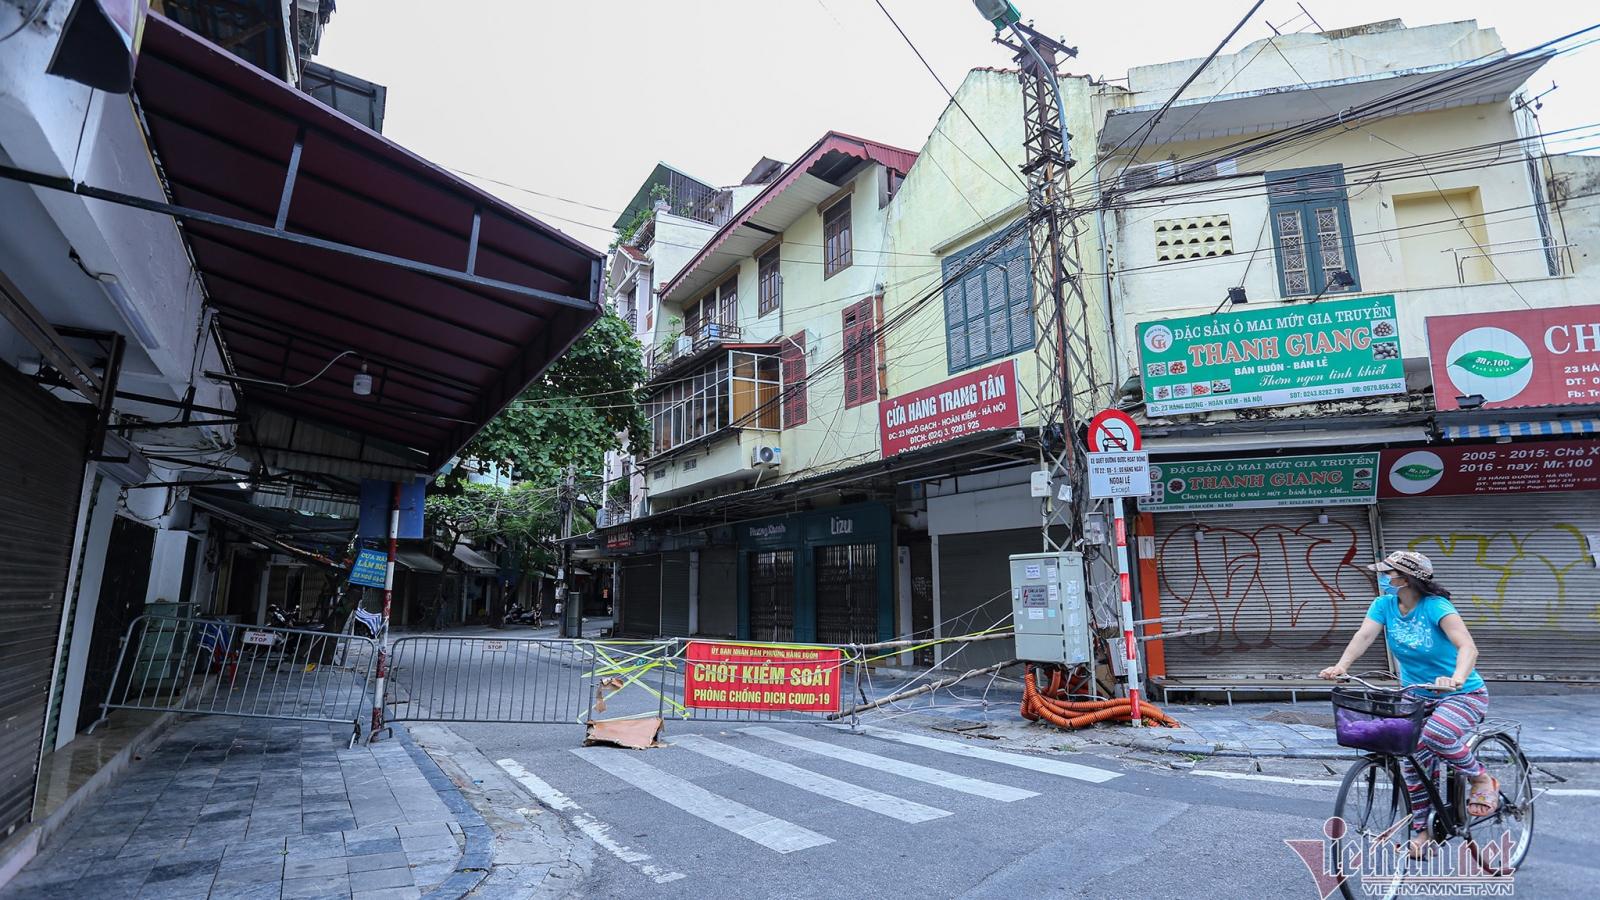 Unprecedented images in Hanoi Old Quarter